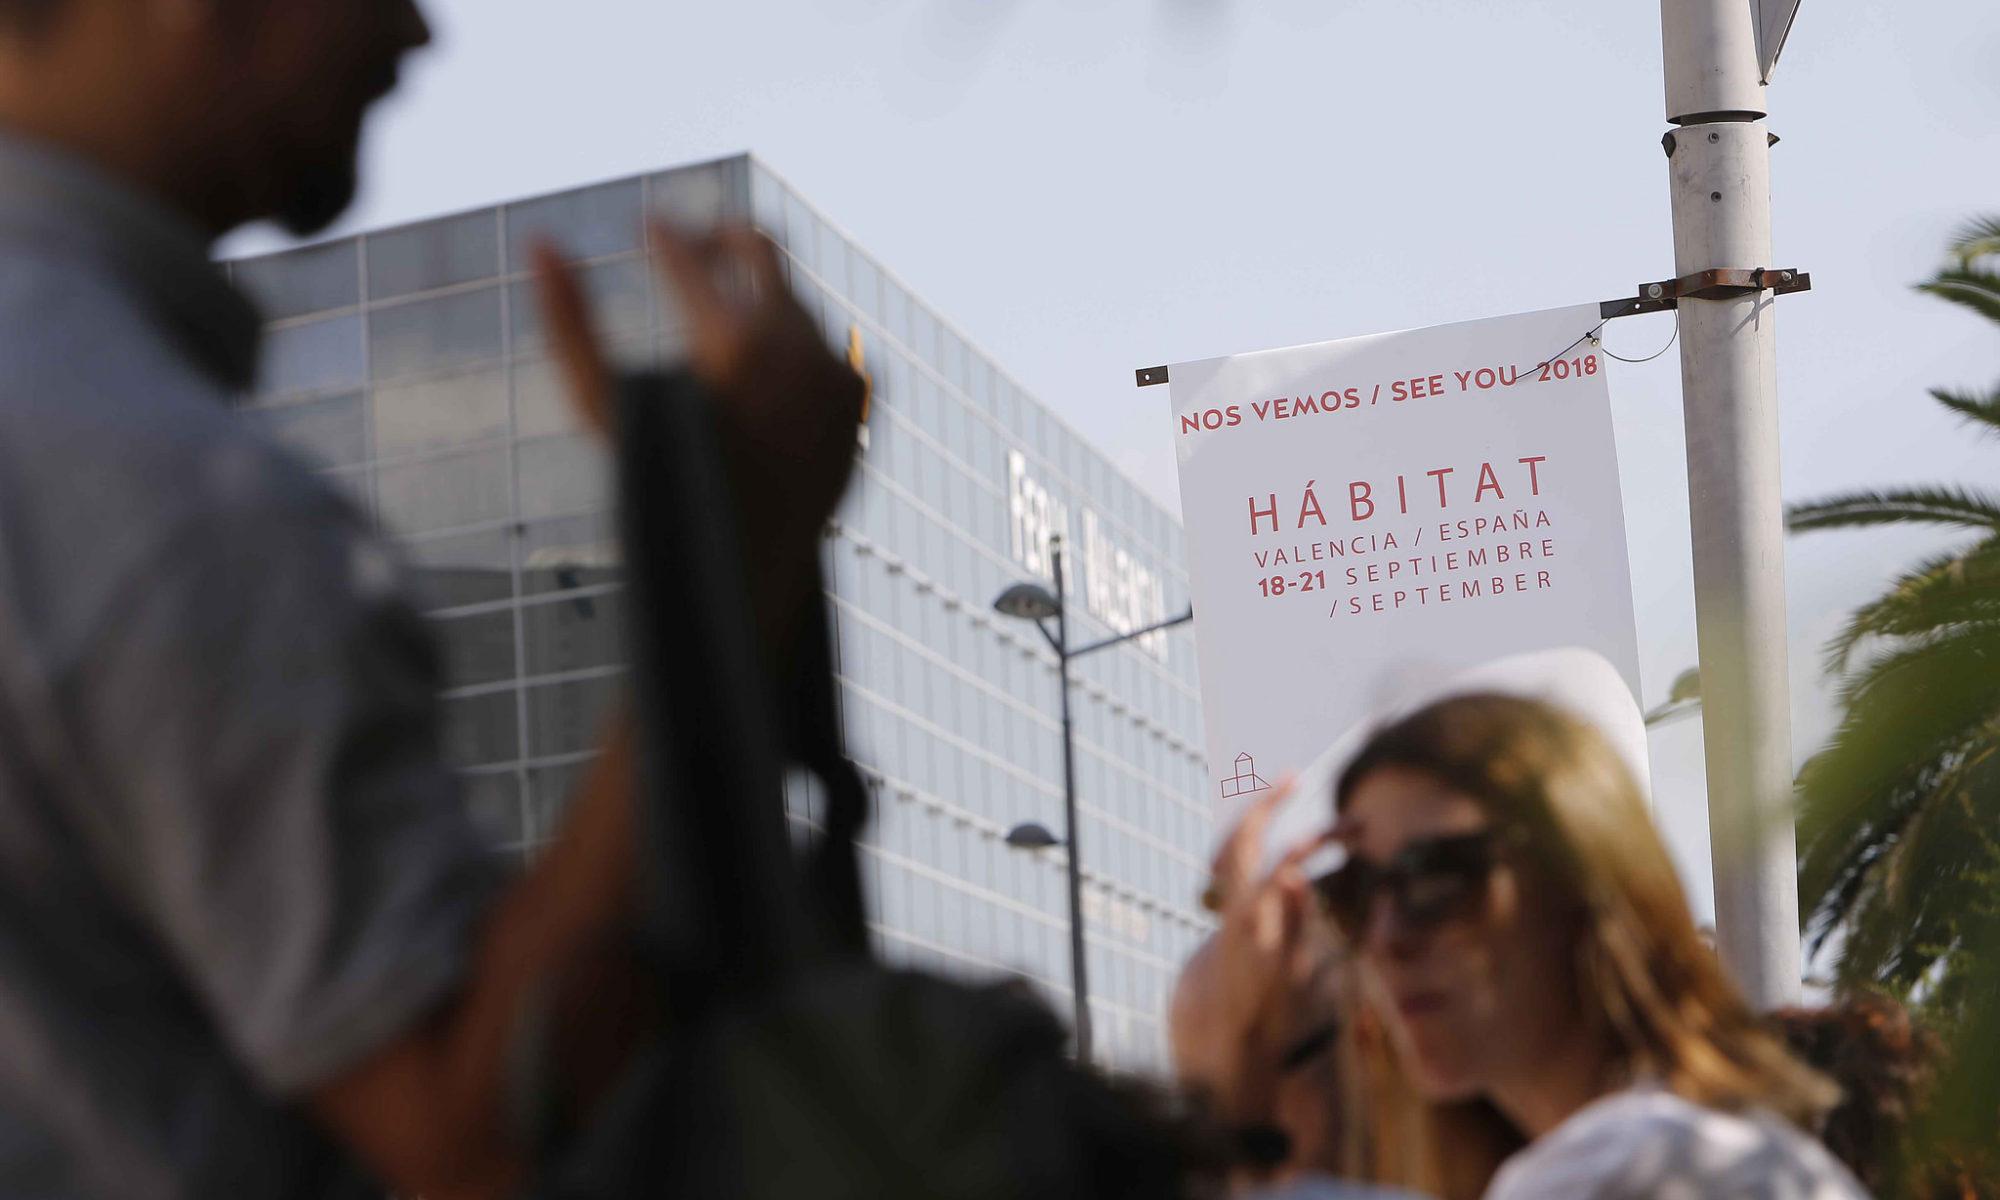 Feria Habitat Valencia vuelve en Septiembre con nuevas propuestas